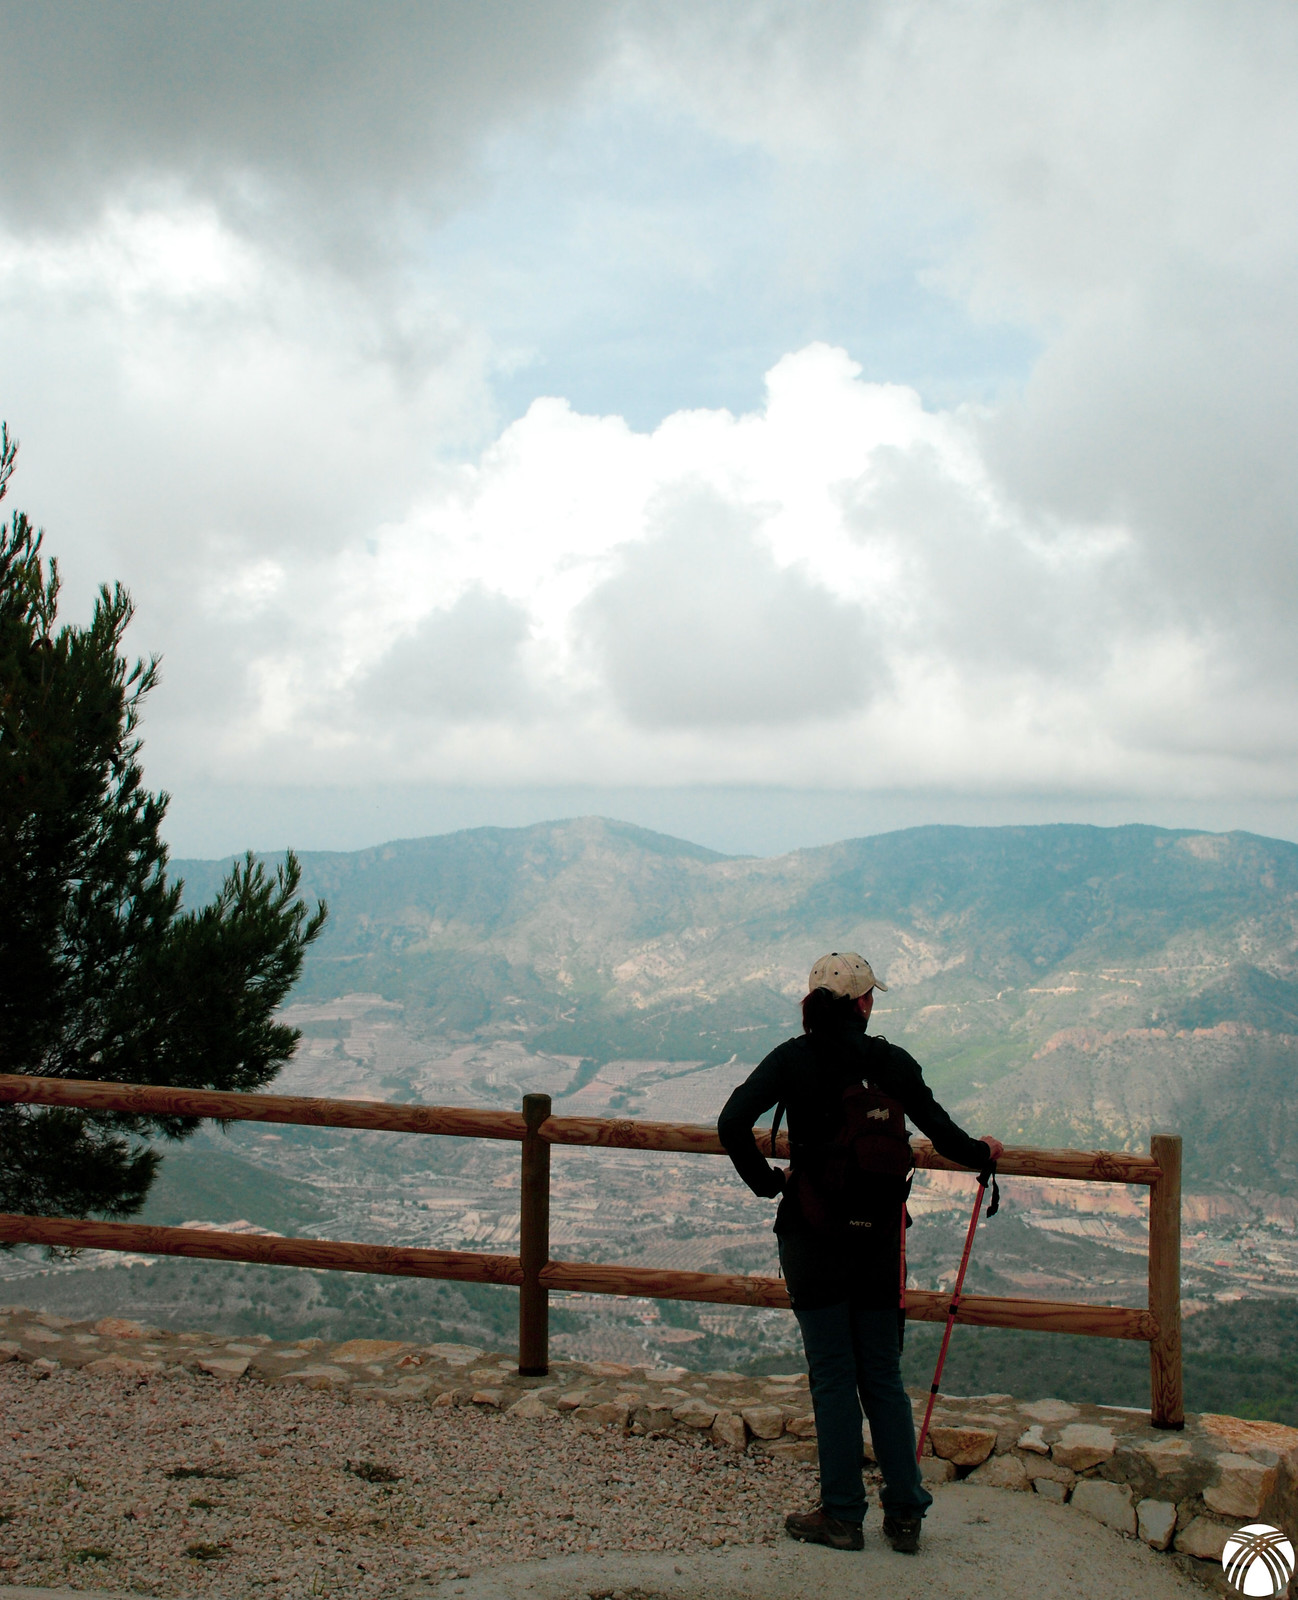 Vistas hacia el norte donde se aprecia la Sierra del Oro